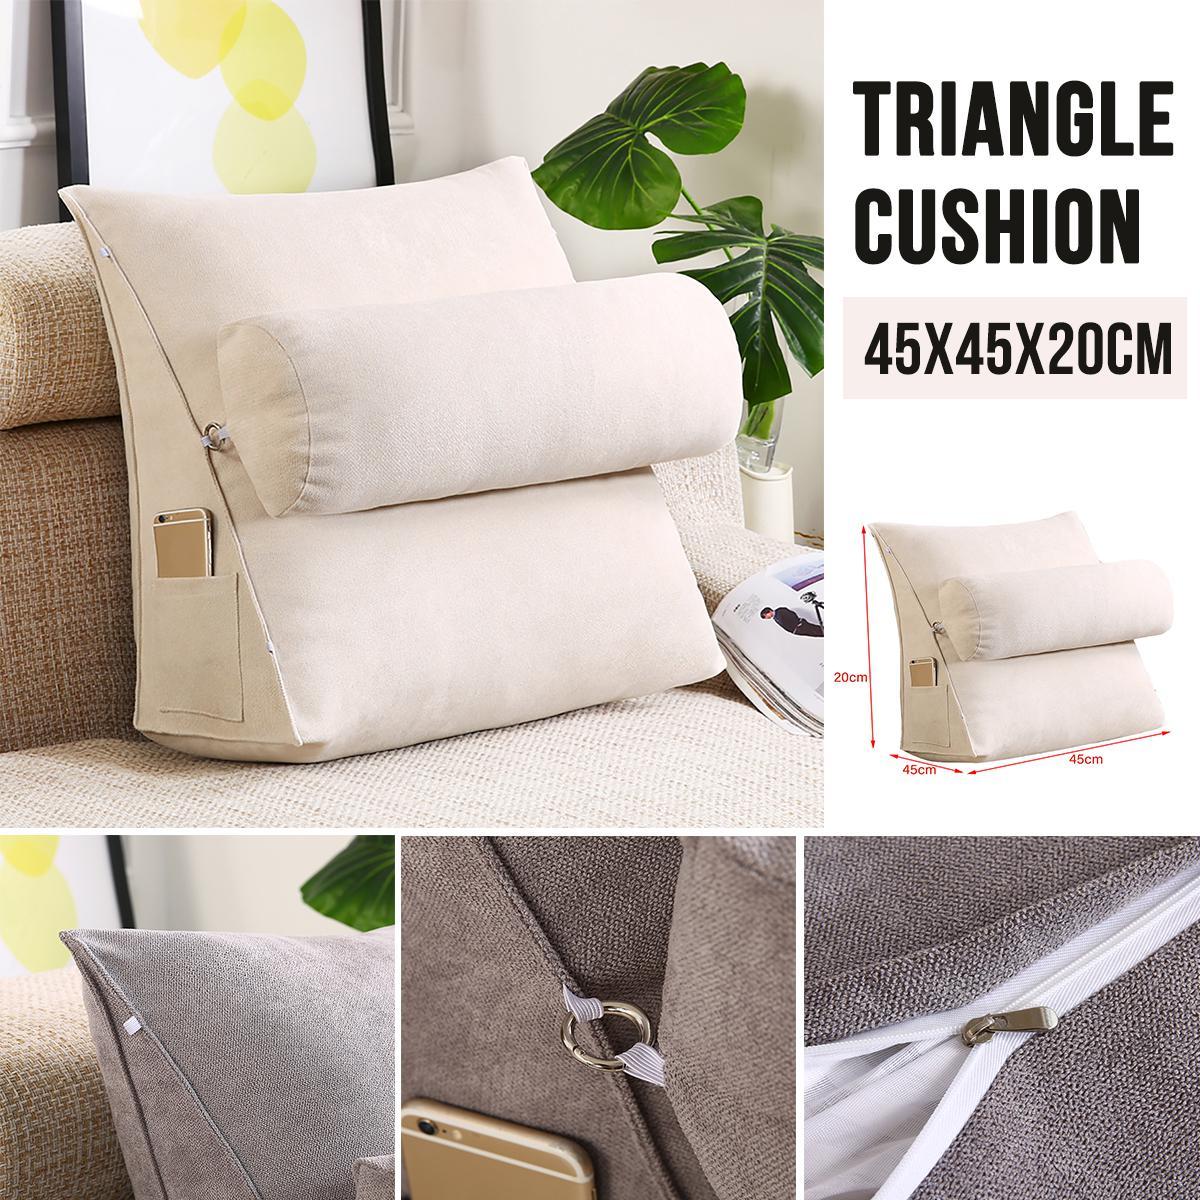 45cm Wedge Back Pillow Rest Sleep Neck Home Sofa Bed Lumbar Office Cushion Matt Blatt